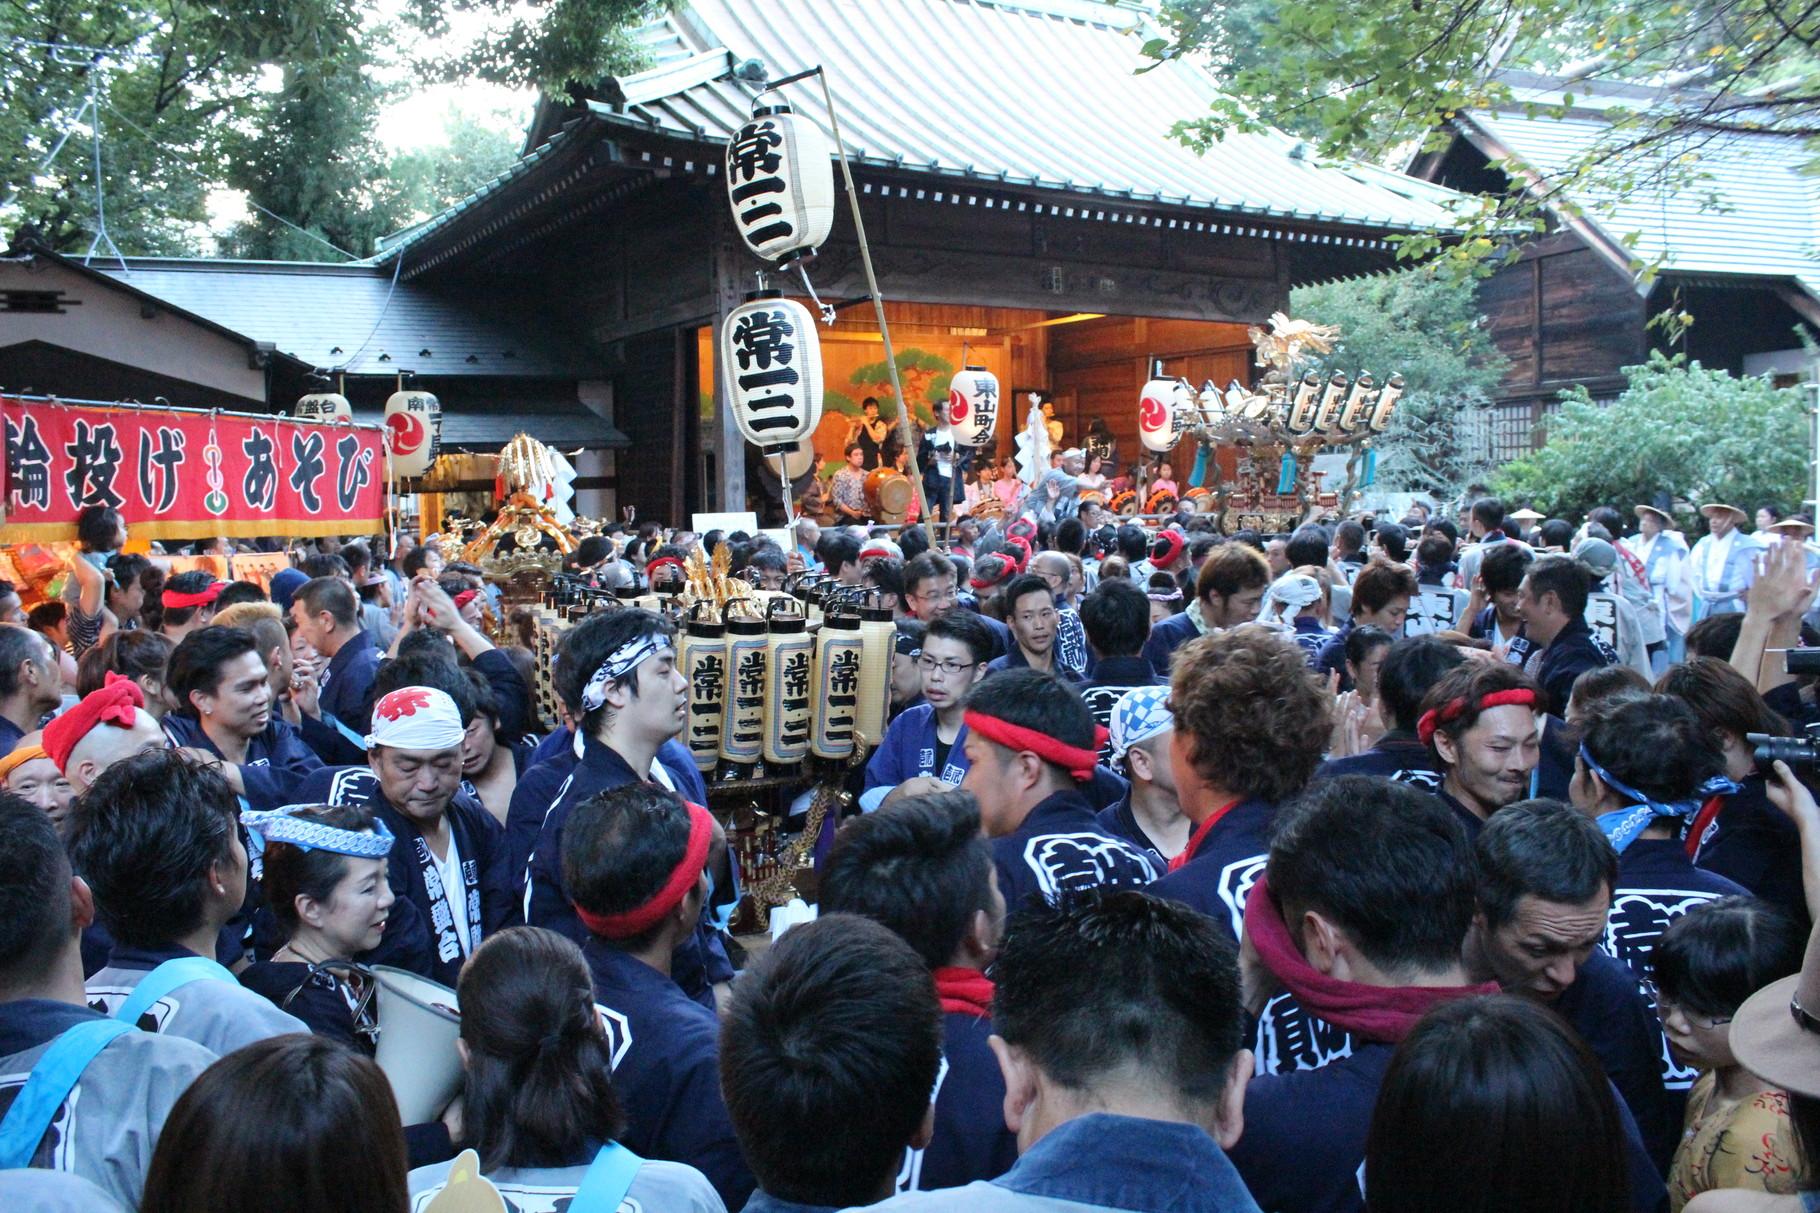 Das große Finale: Alle Mikoshi-Paraden enden beim Tenso-Schrein.